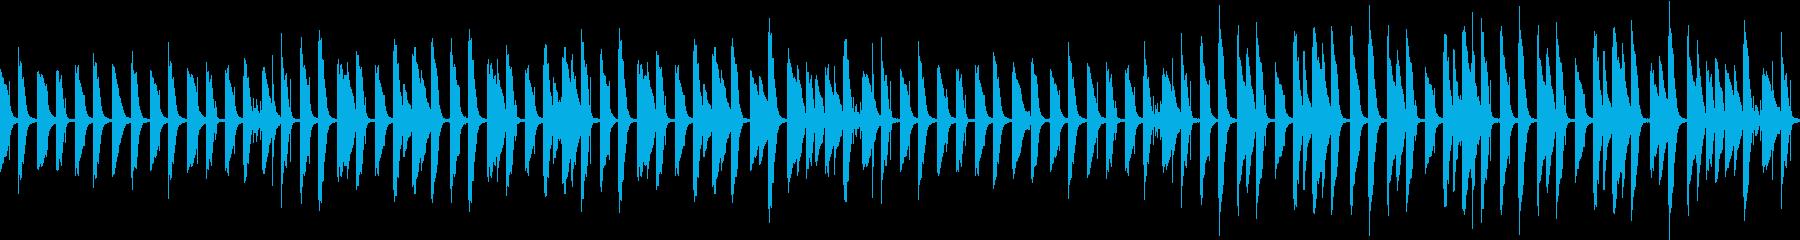 ゆるいピアノのほのぼのBGM(ループ)の再生済みの波形